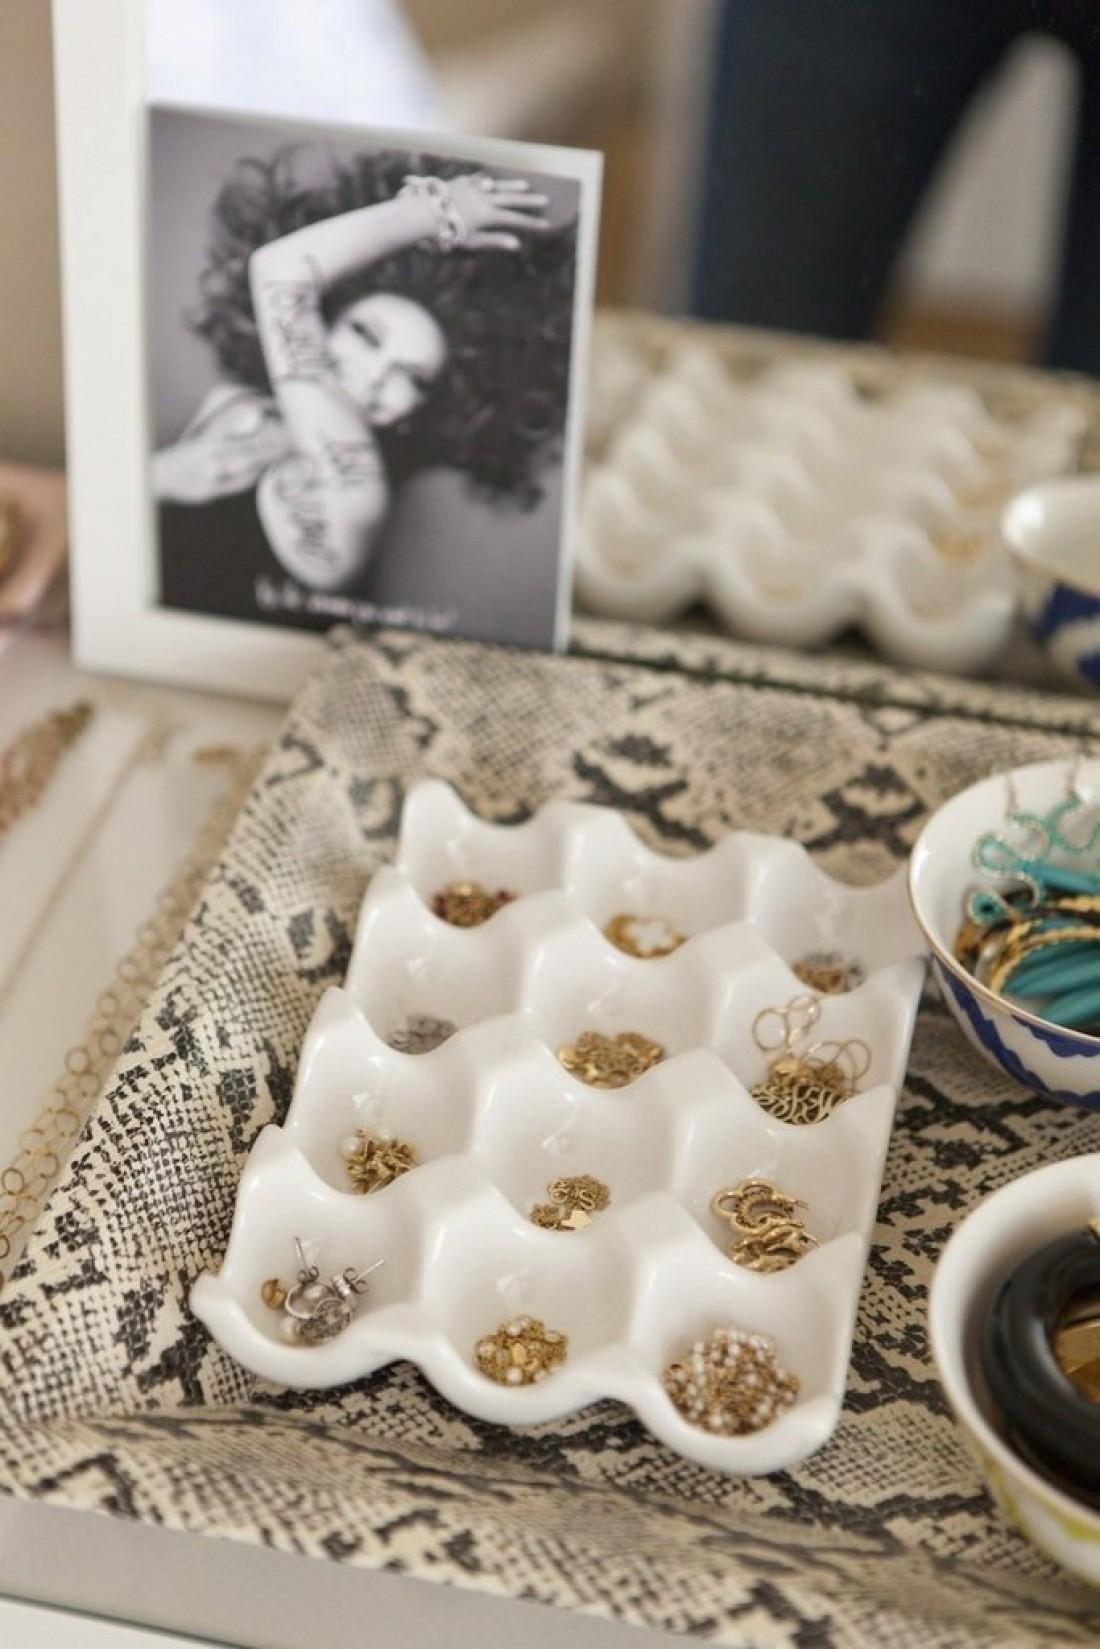 Храни украшения в керамических подставках для яиц